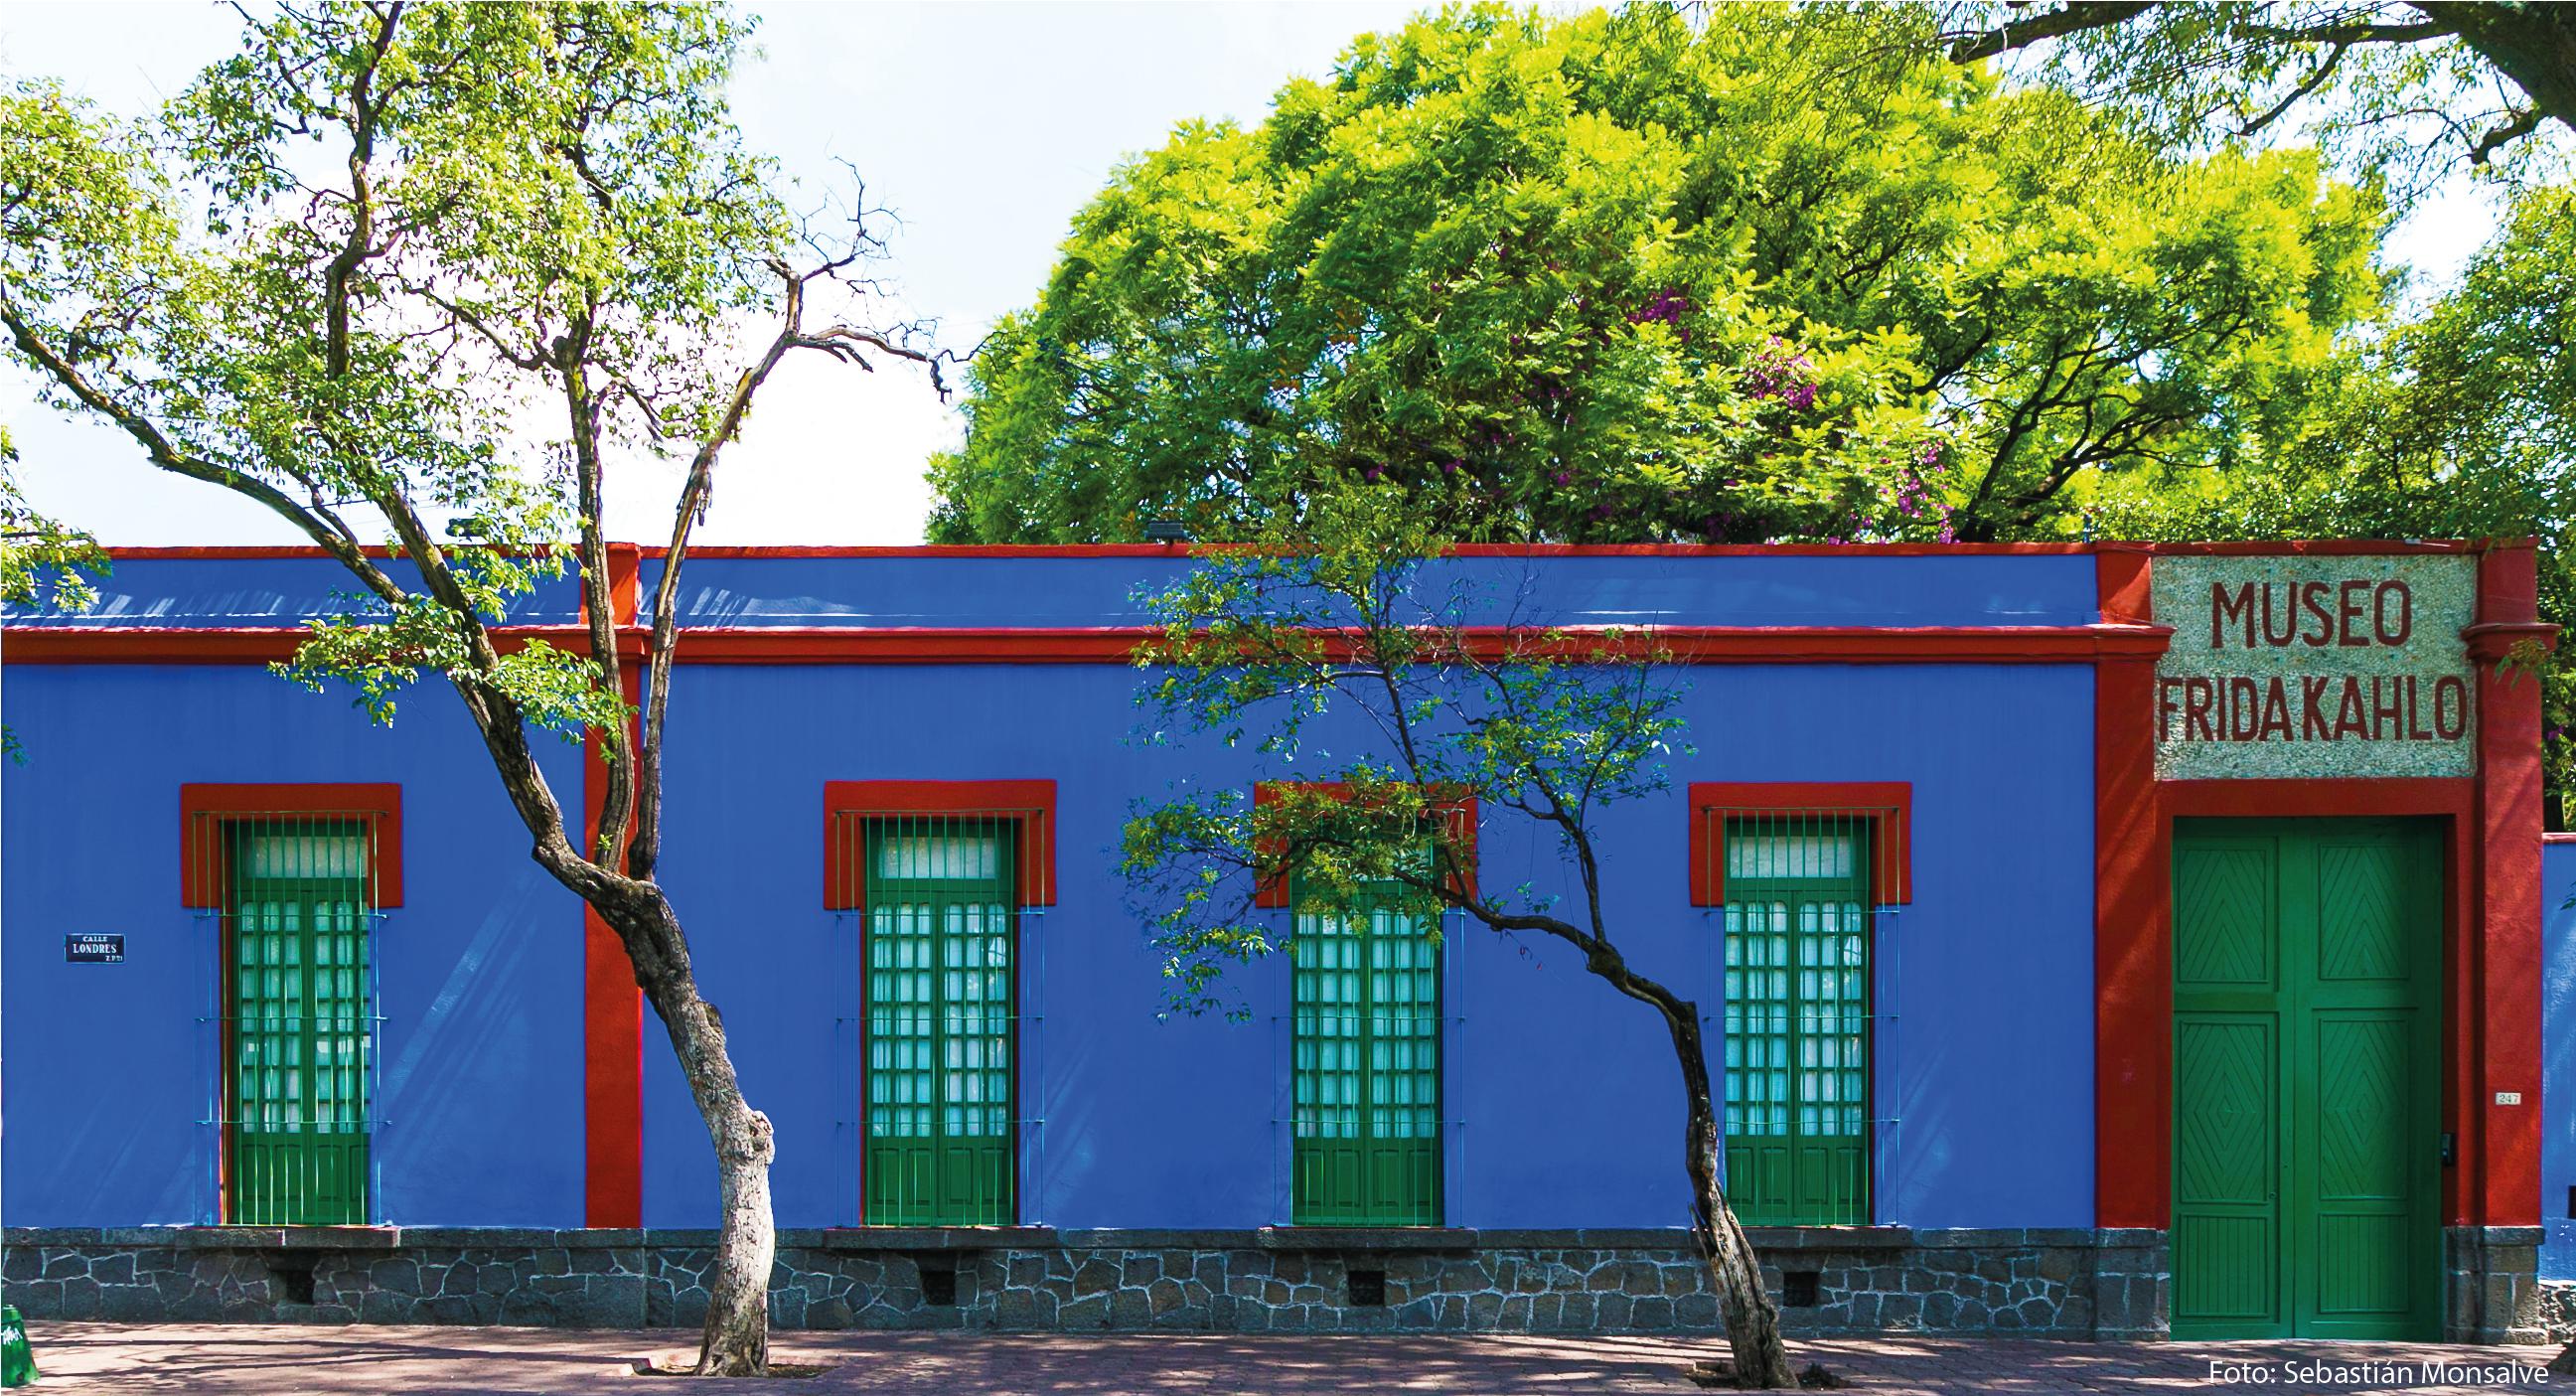 Se Extienden Las Celebraciones Por El Cumpleaños 113 De Frida Kahlo Cnn